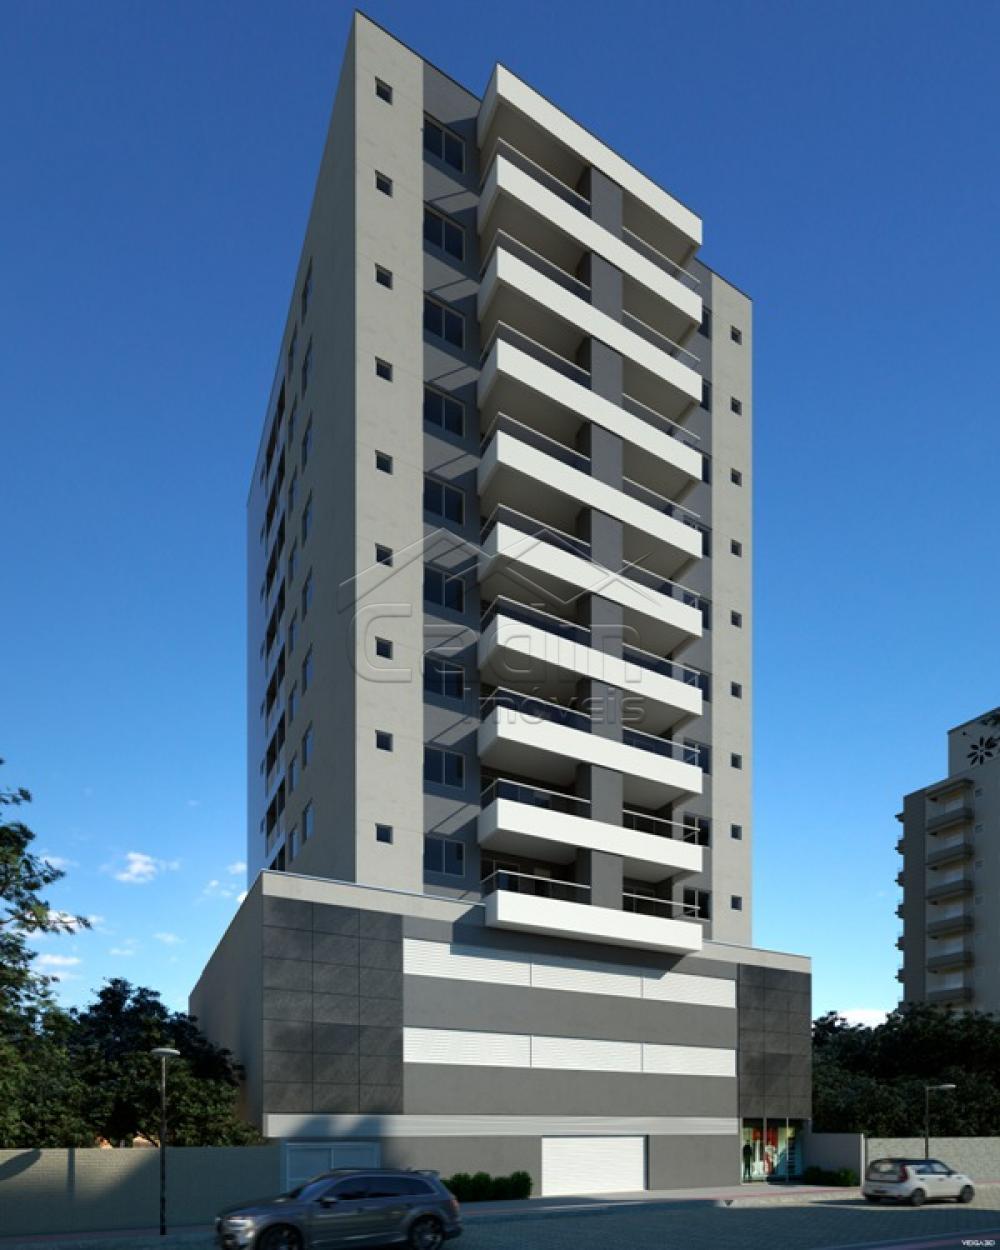 Comprar Apartamento / Padrão em Navegantes R$ 395.000,00 - Foto 11